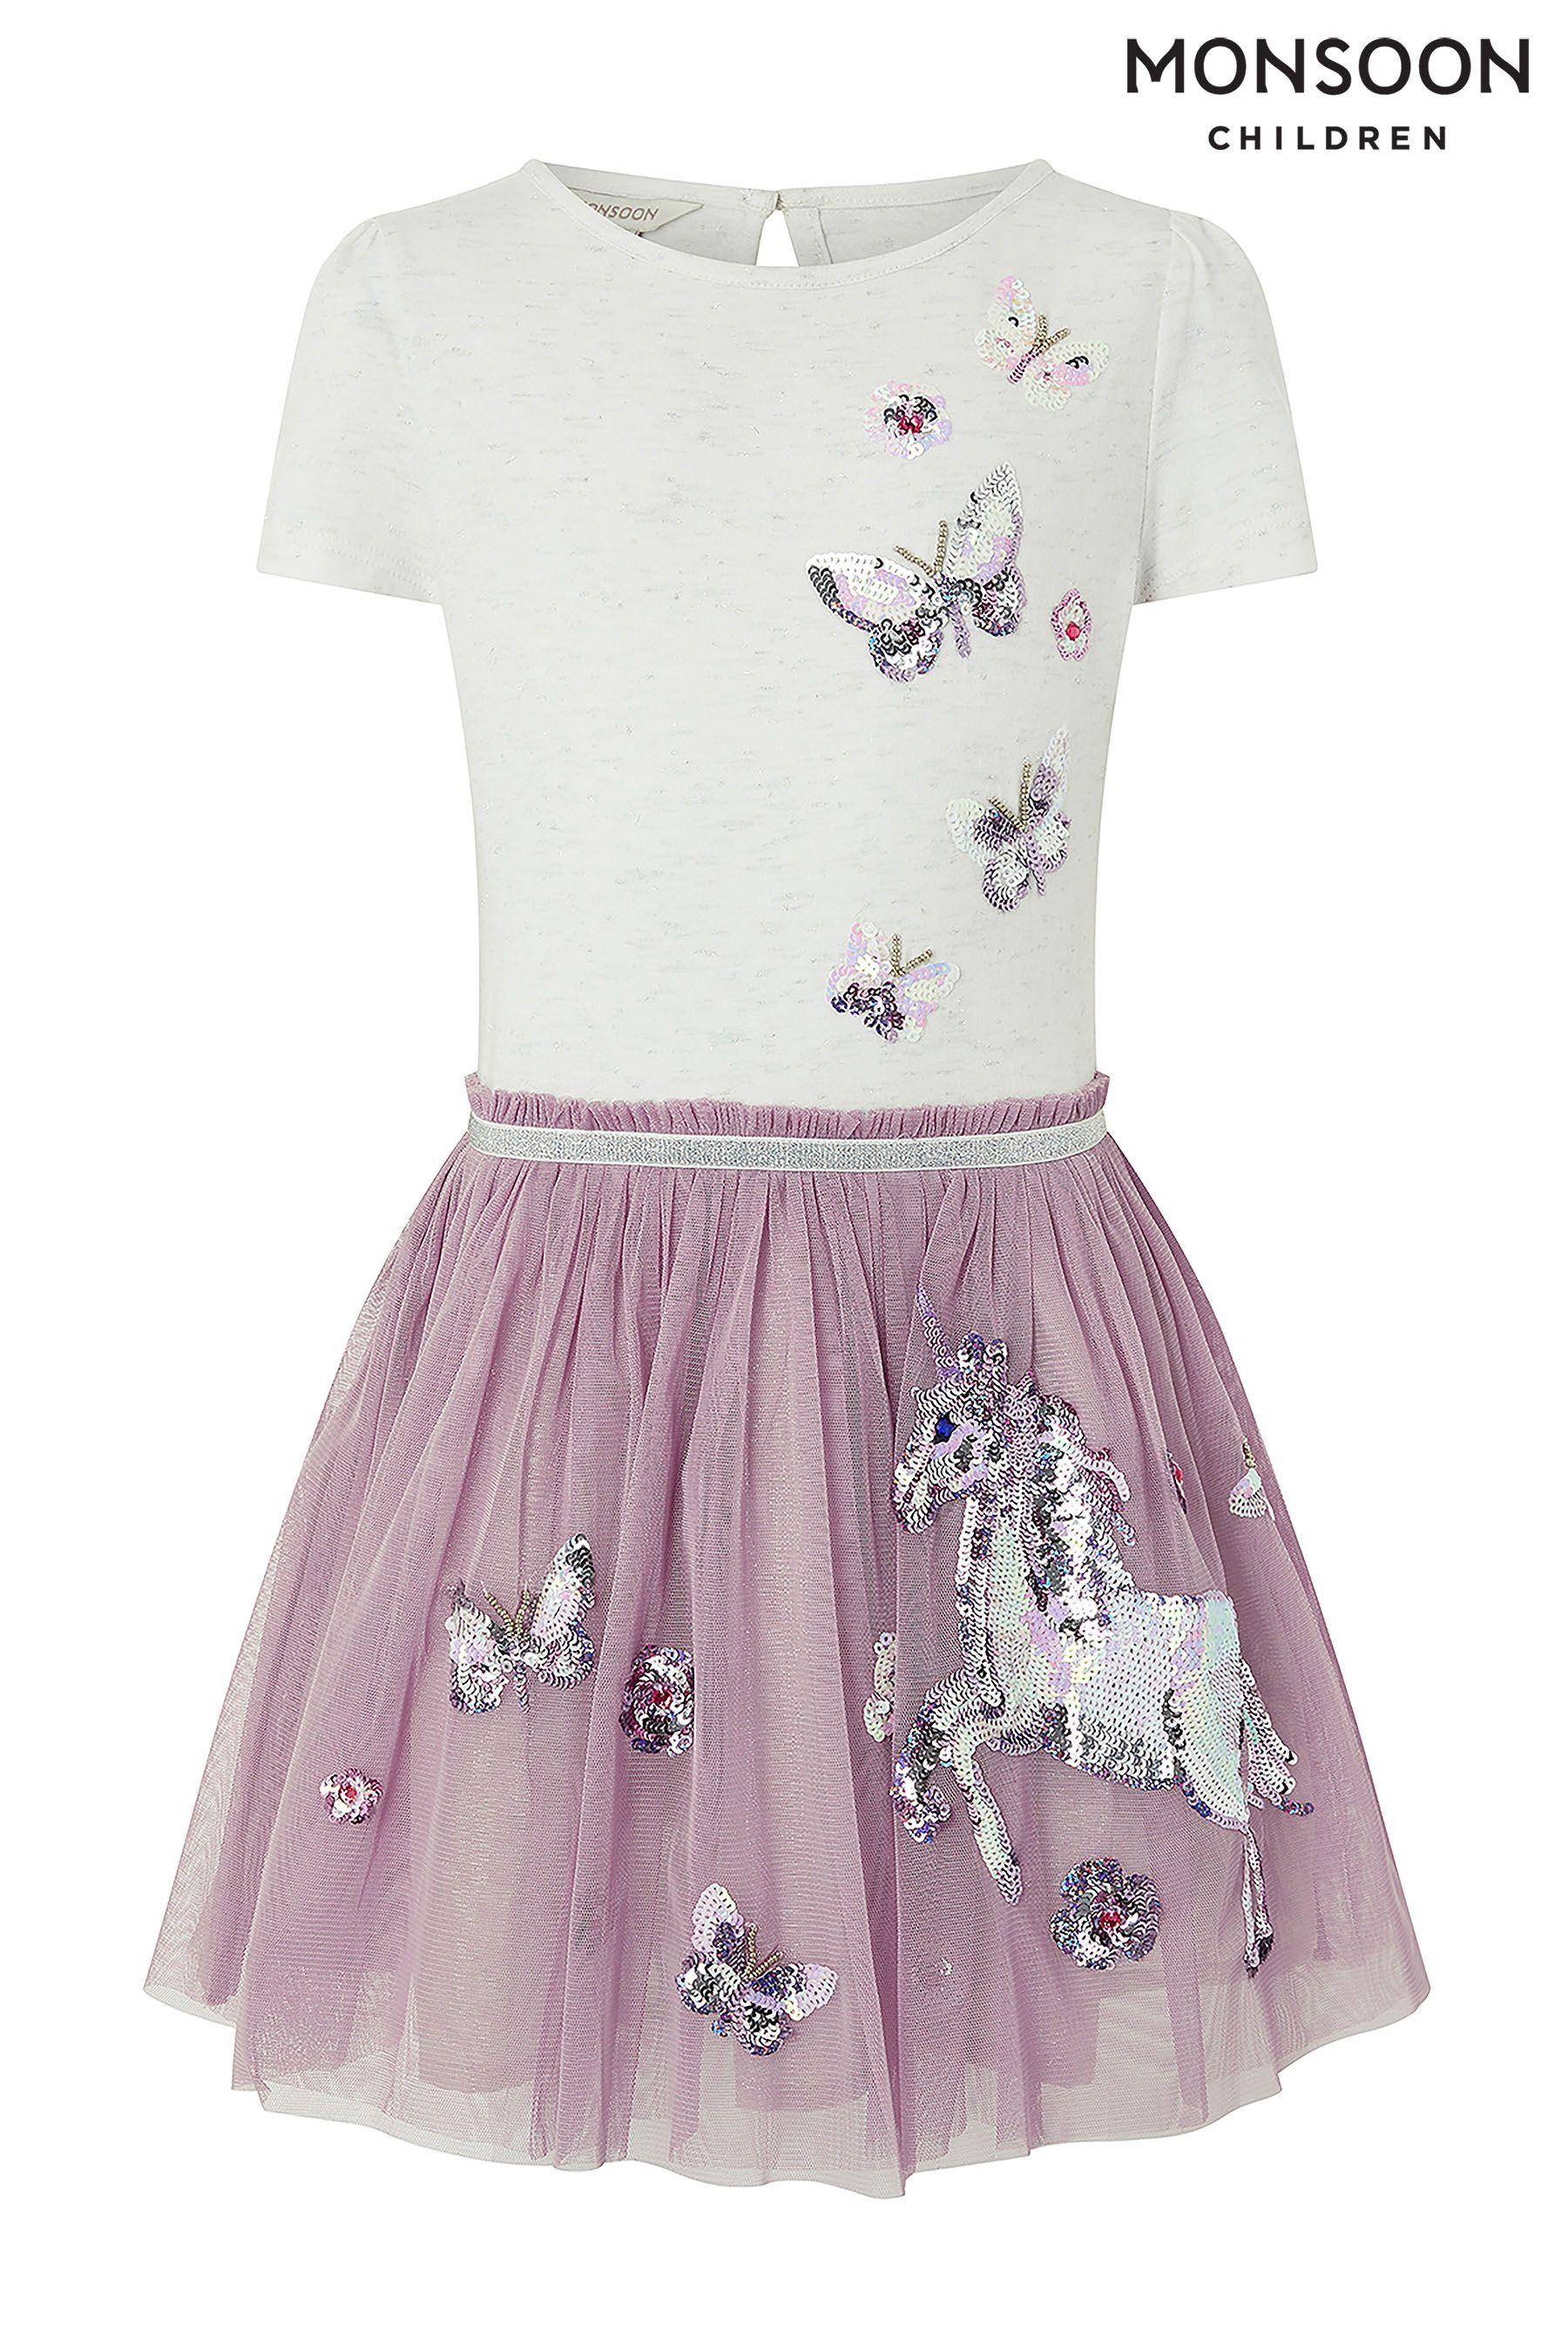 fa3b43a9a Girls Monsoon Disco Unicorn Dress - Purple | Products | Unicorn ...